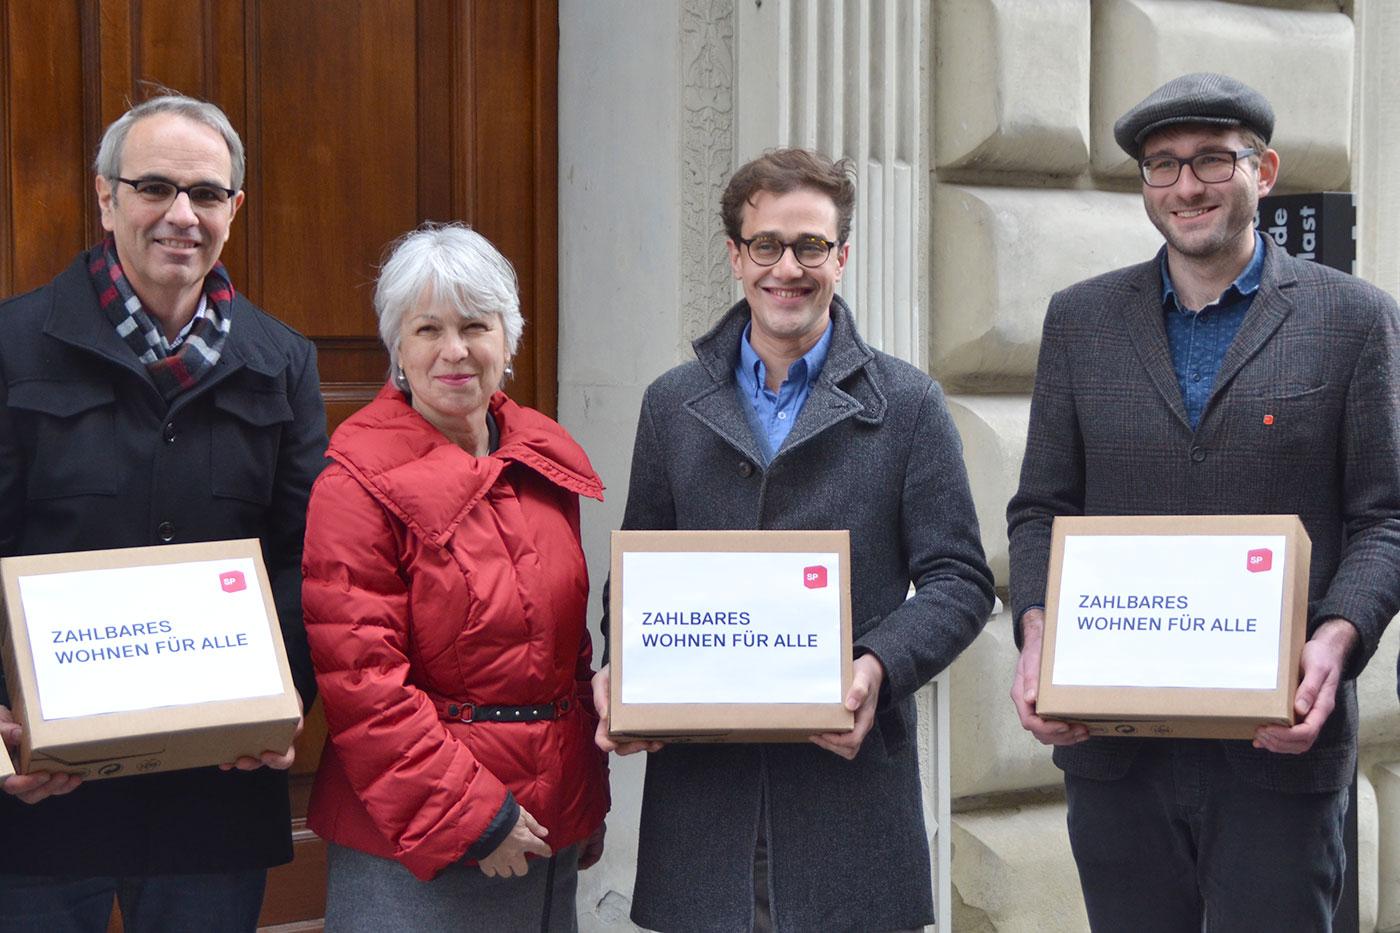 Die SP bei der Einreichung ihrer Initiative «zahlbares Wohnen für alle» im Februar 2016.